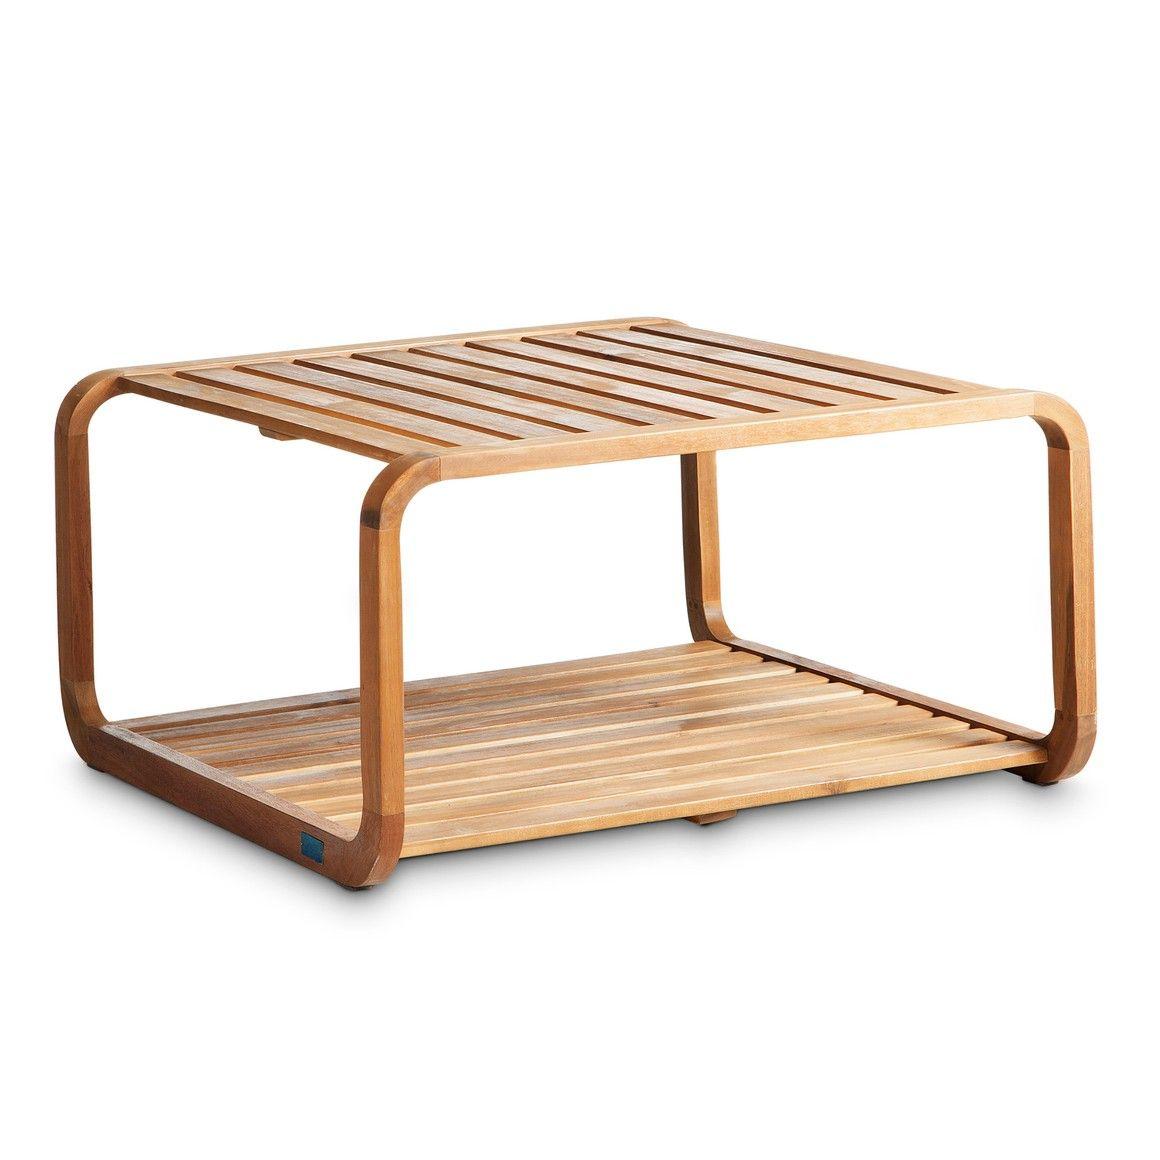 Beistelltisch Weiss Mit Holzgestell In Teaklook Bayamo Braun 15373303 0 Clubtisch Tisch Und Beistelltisch Weiss